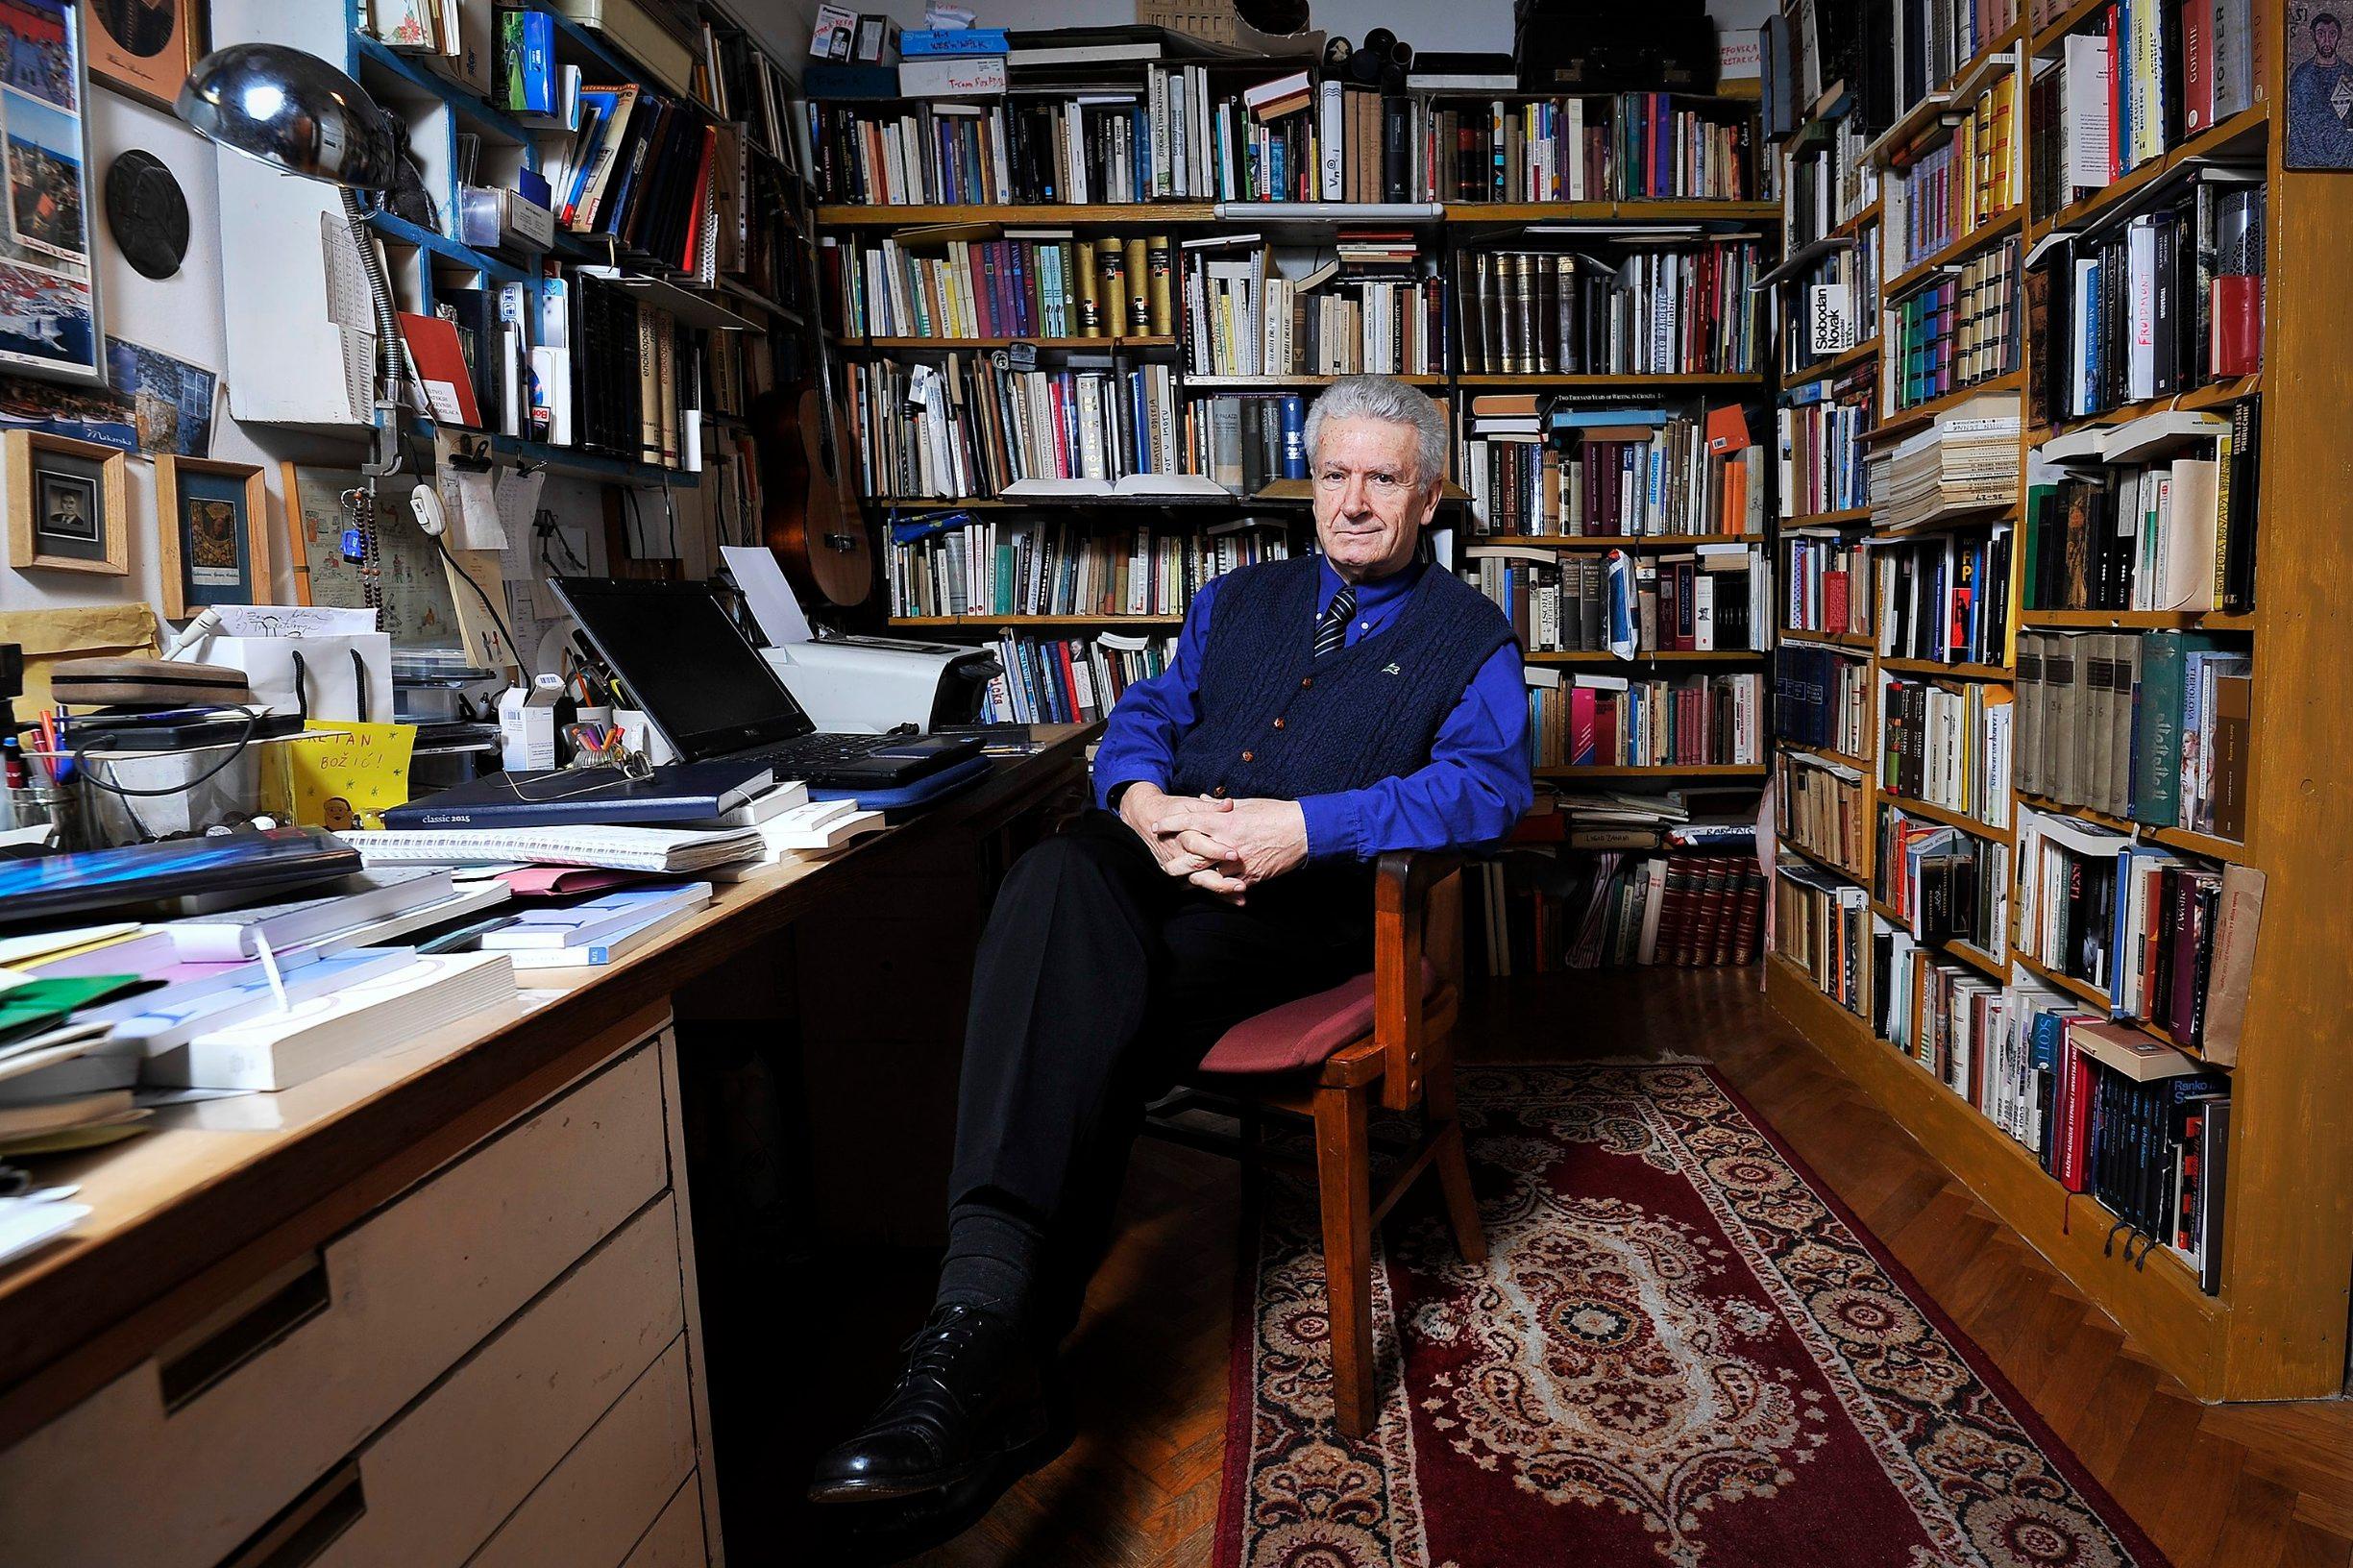 Zagreb, 030215. Prevoditelj Mate Maras, fotografiran u svom domu. Foto: Boris Kovacev / CROPIX